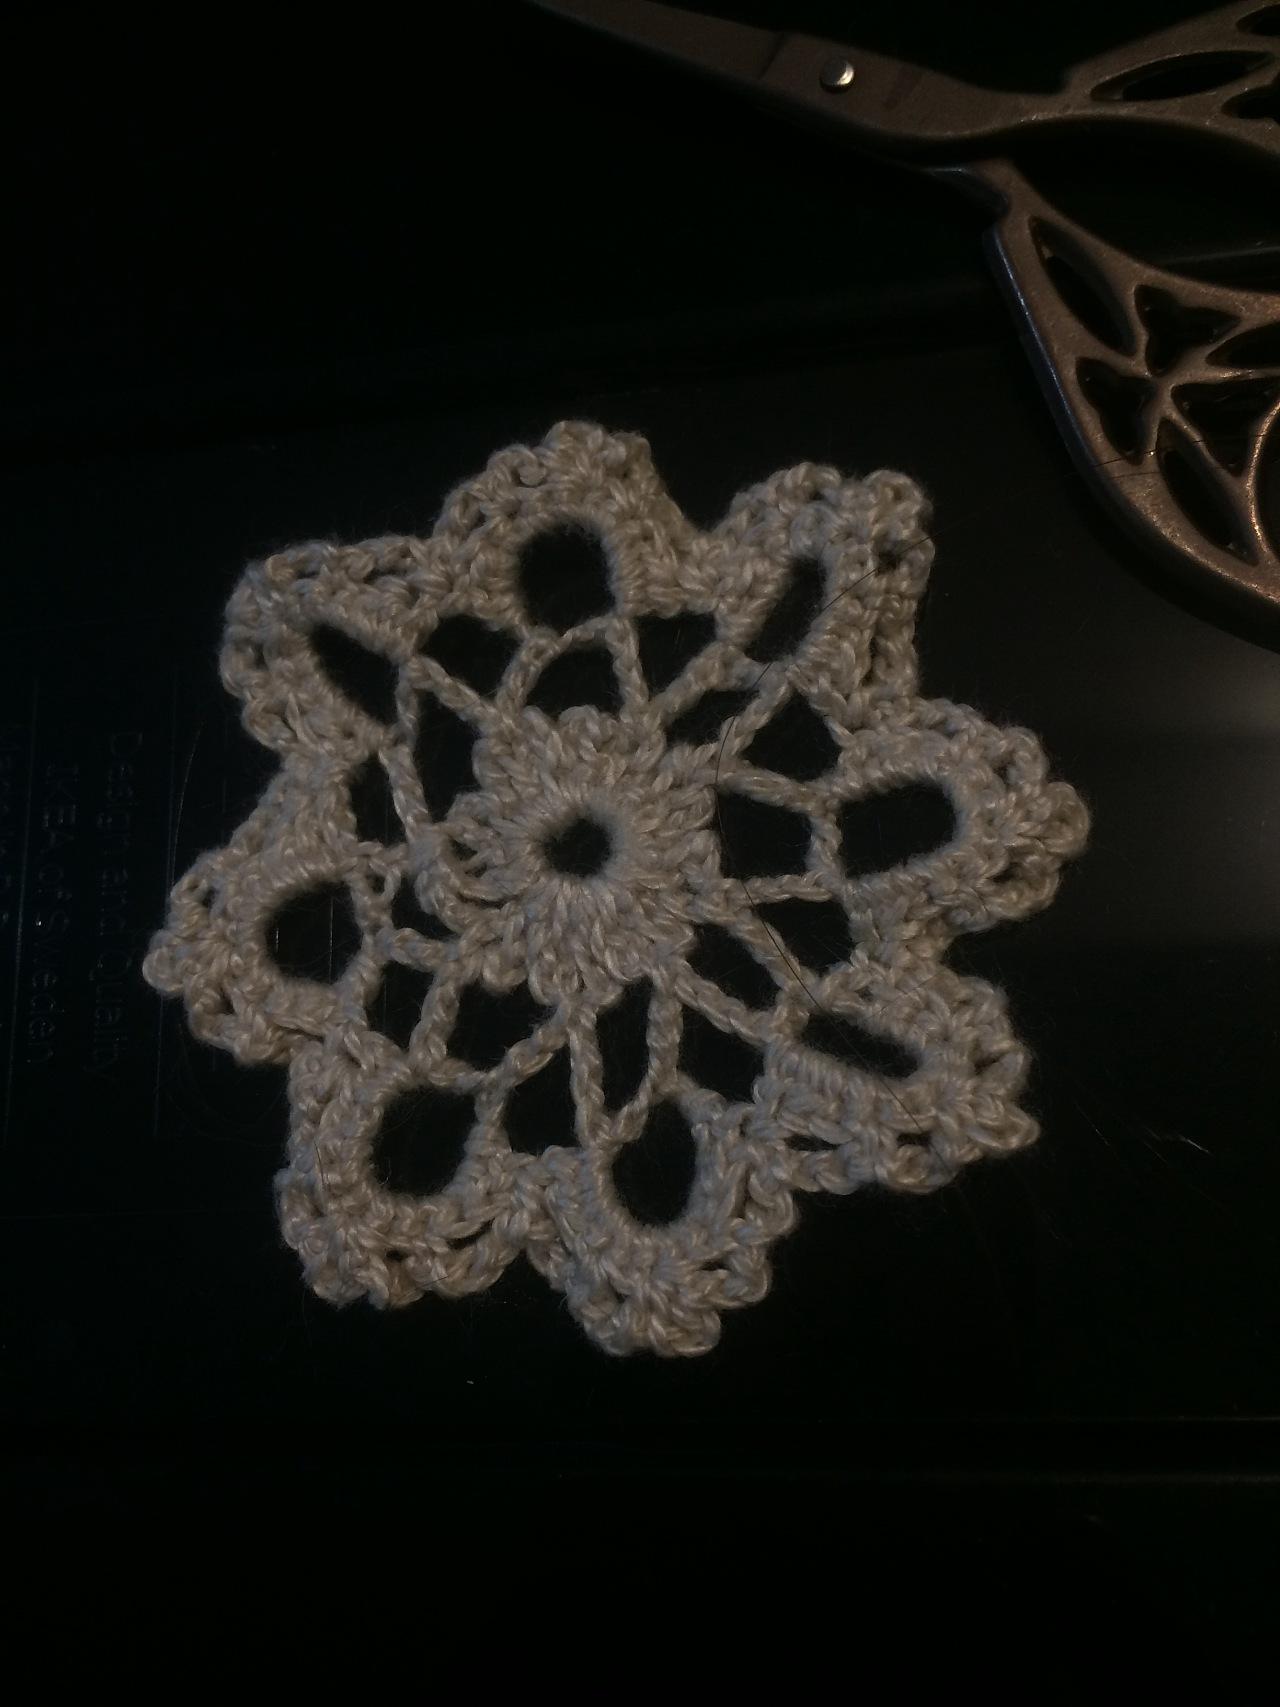 钩针编织漂亮的圆形蕾丝杯垫,太精美了,快来试试吧